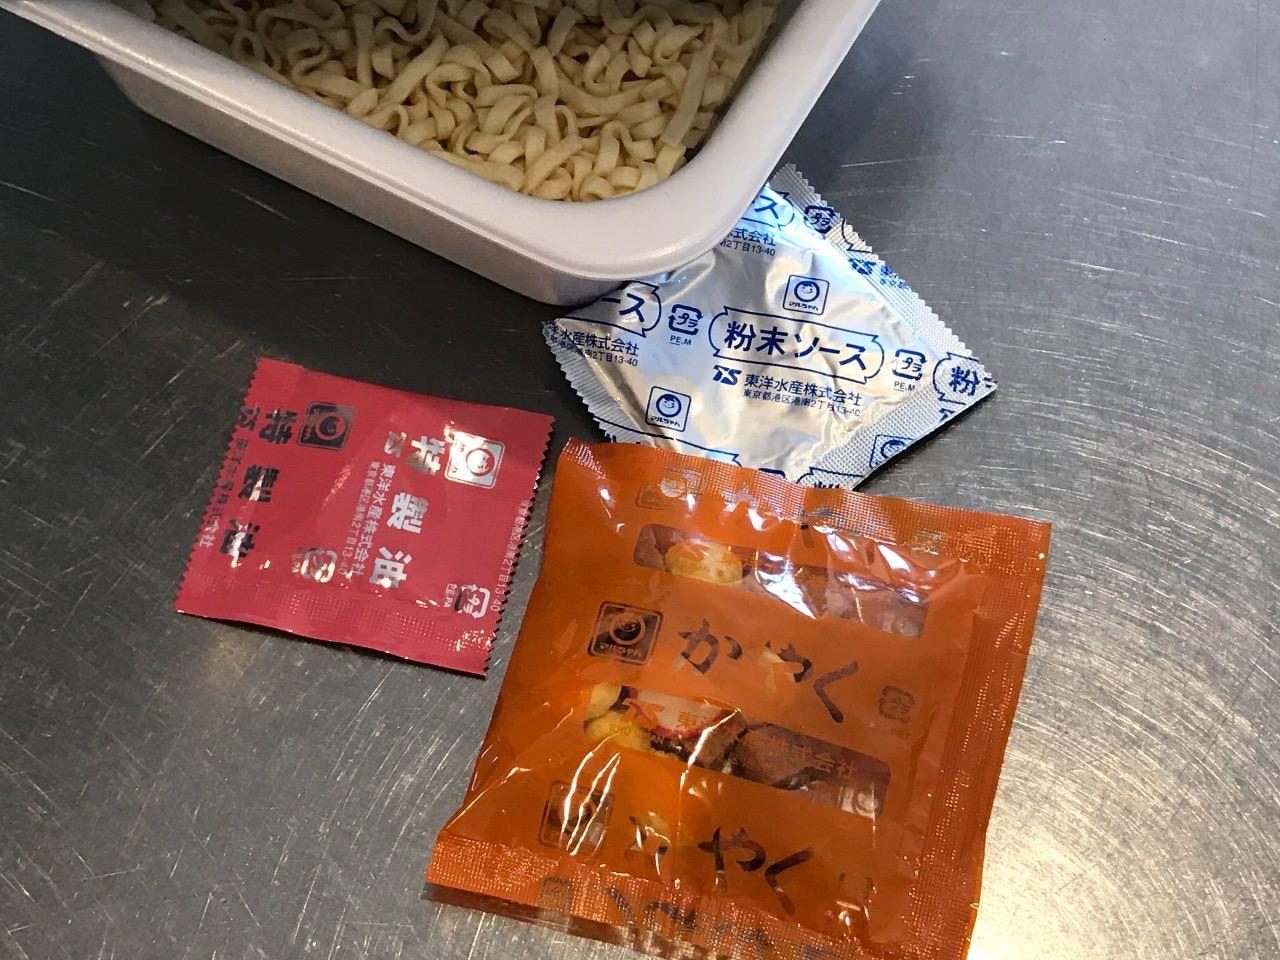 赤いきつね 焼うどん 03